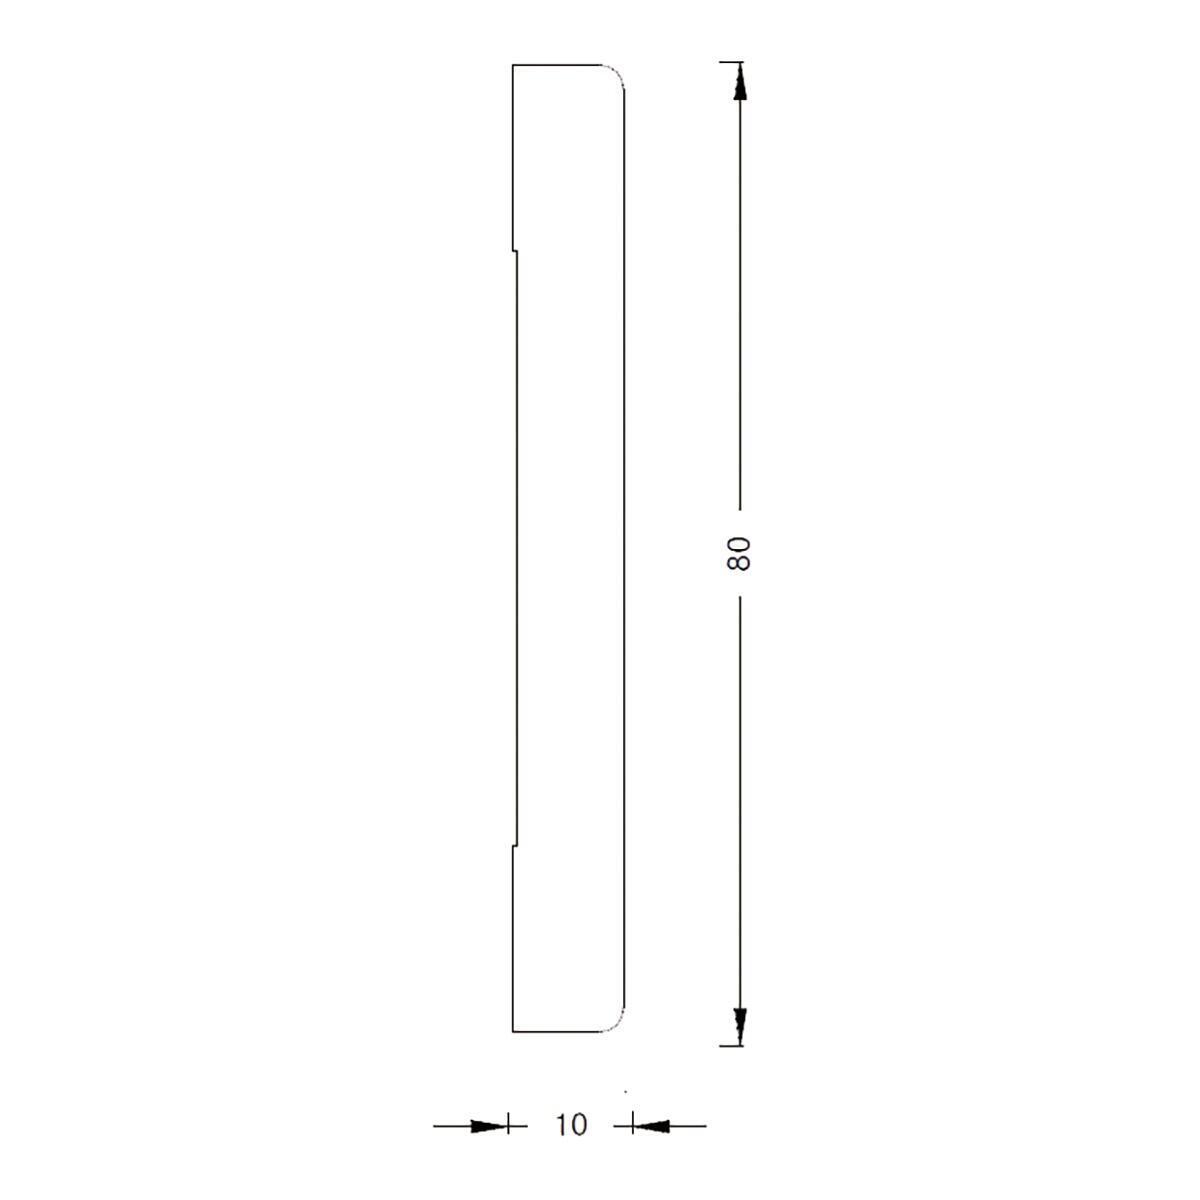 Coprifilo in legno legno massello naturale L 2250 x P 10 x H 80 mm - 6